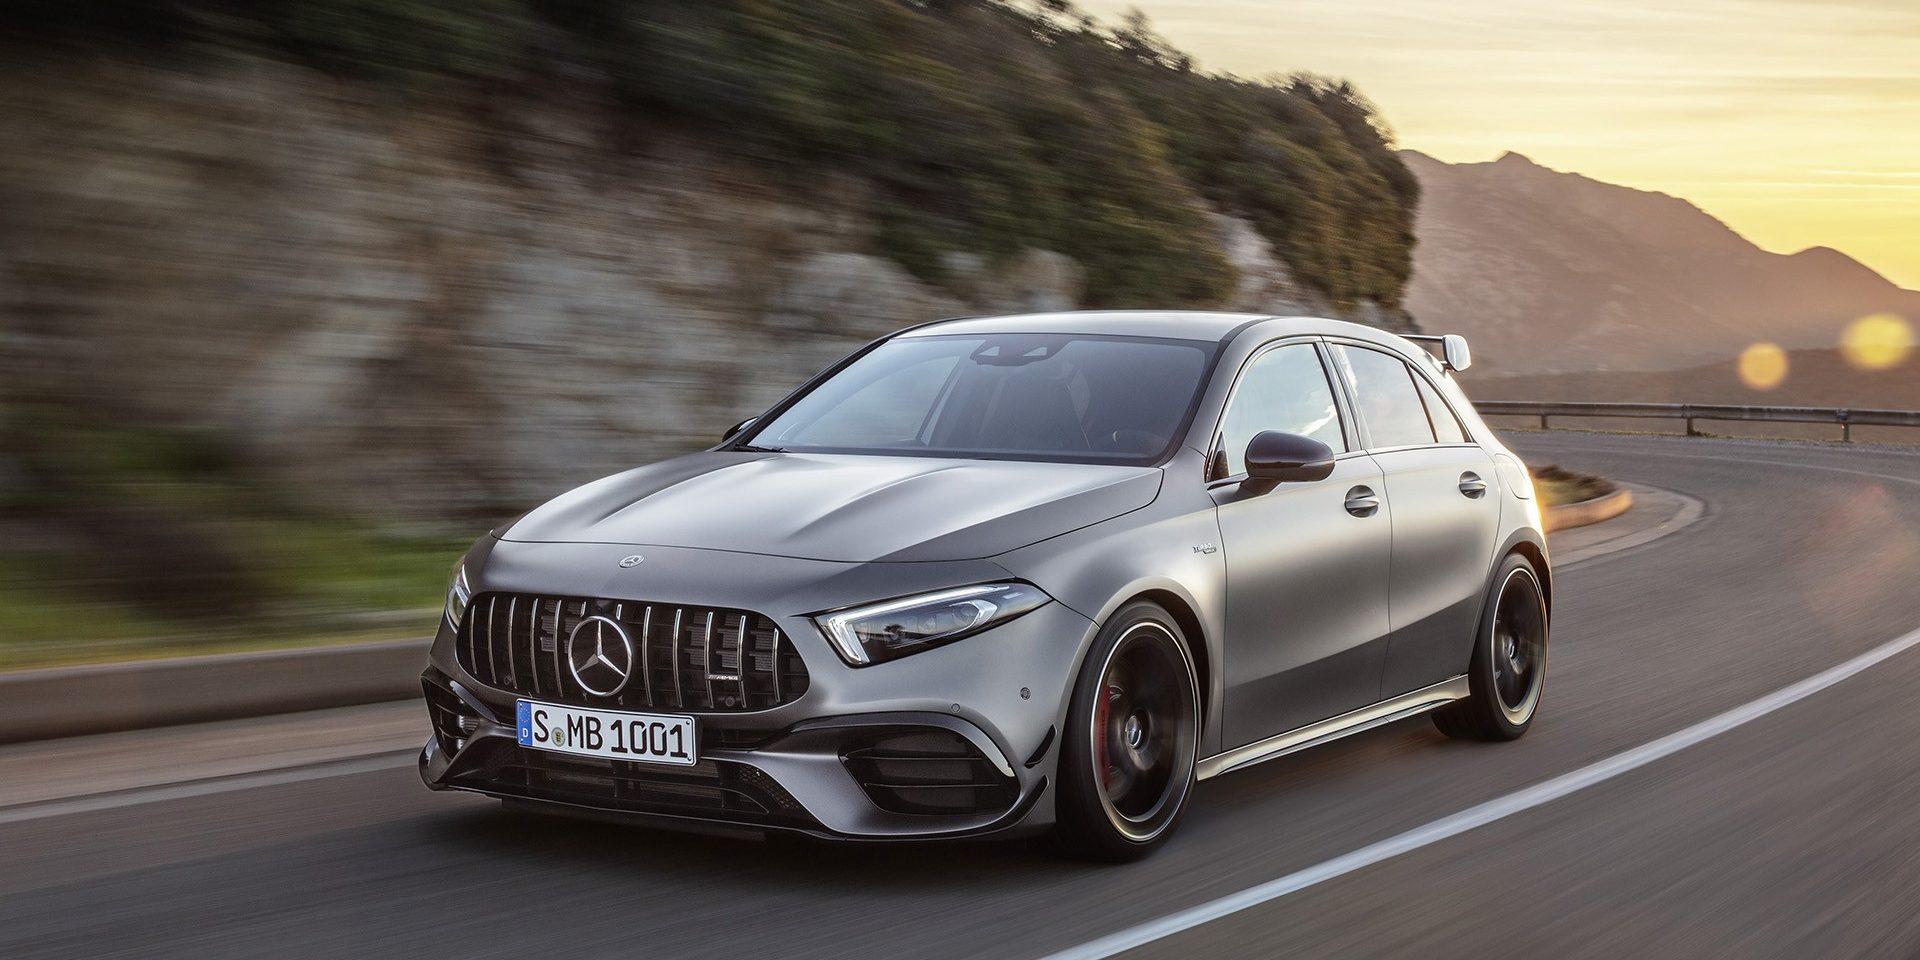 ¿El principio del fin? Los Mercedes-AMG harán menos ruido debido a las normativas europeas